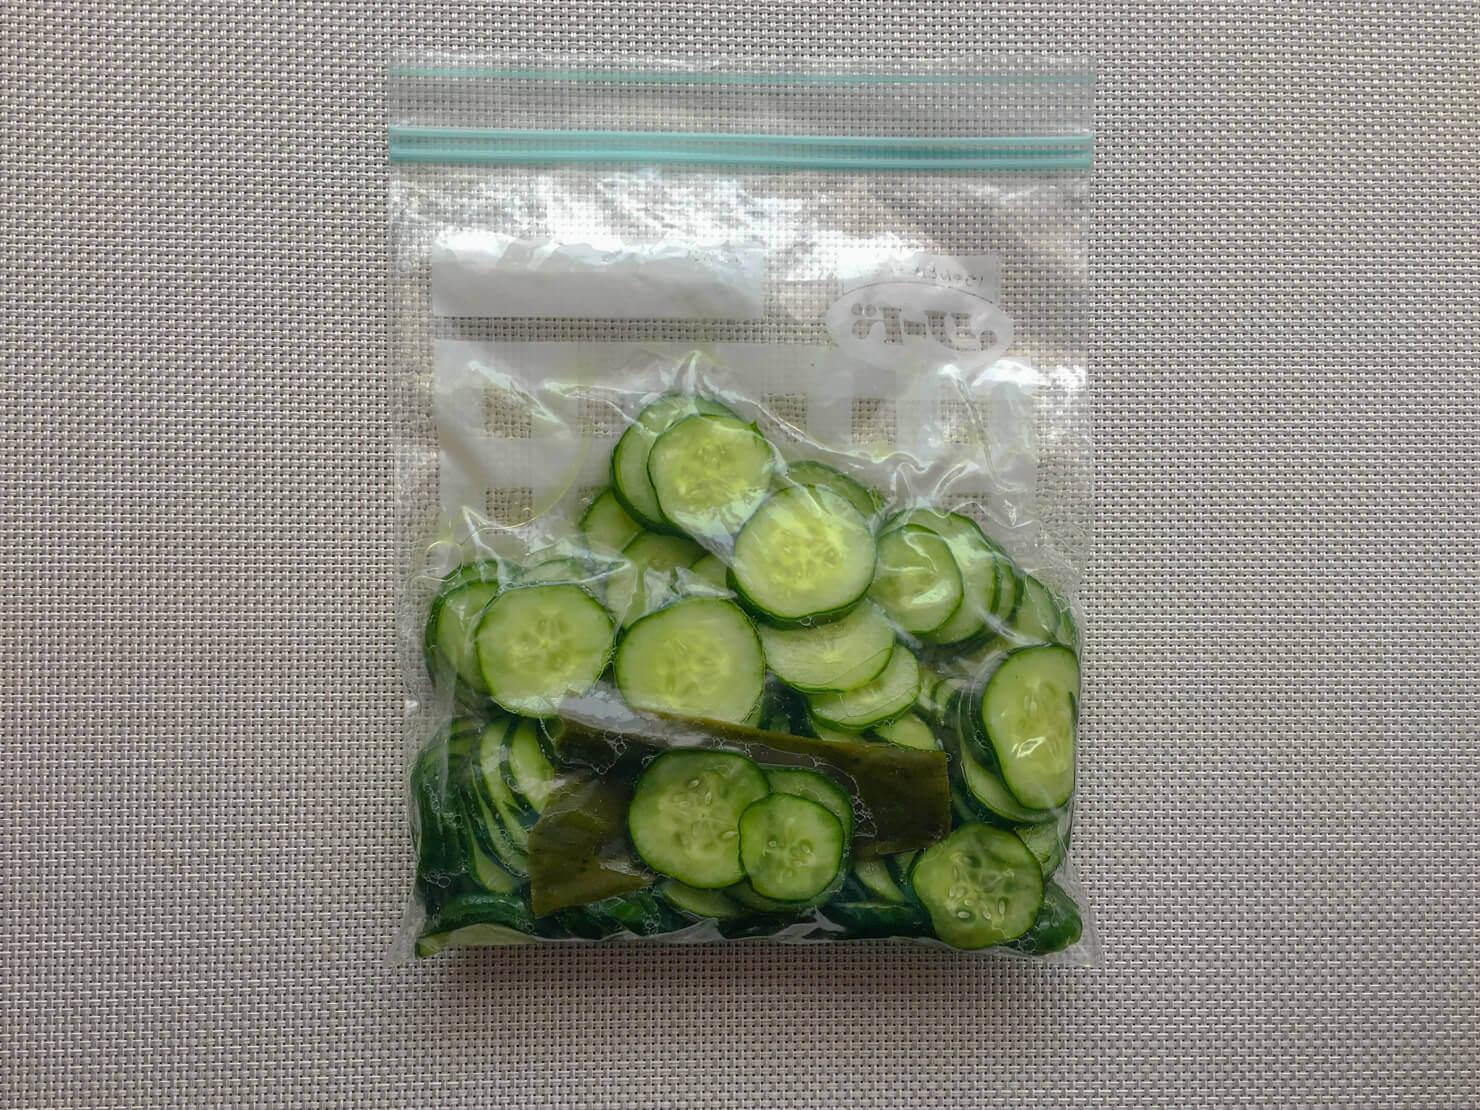 きゅうりの輪切りの塩漬けを保存袋で漬けている写真